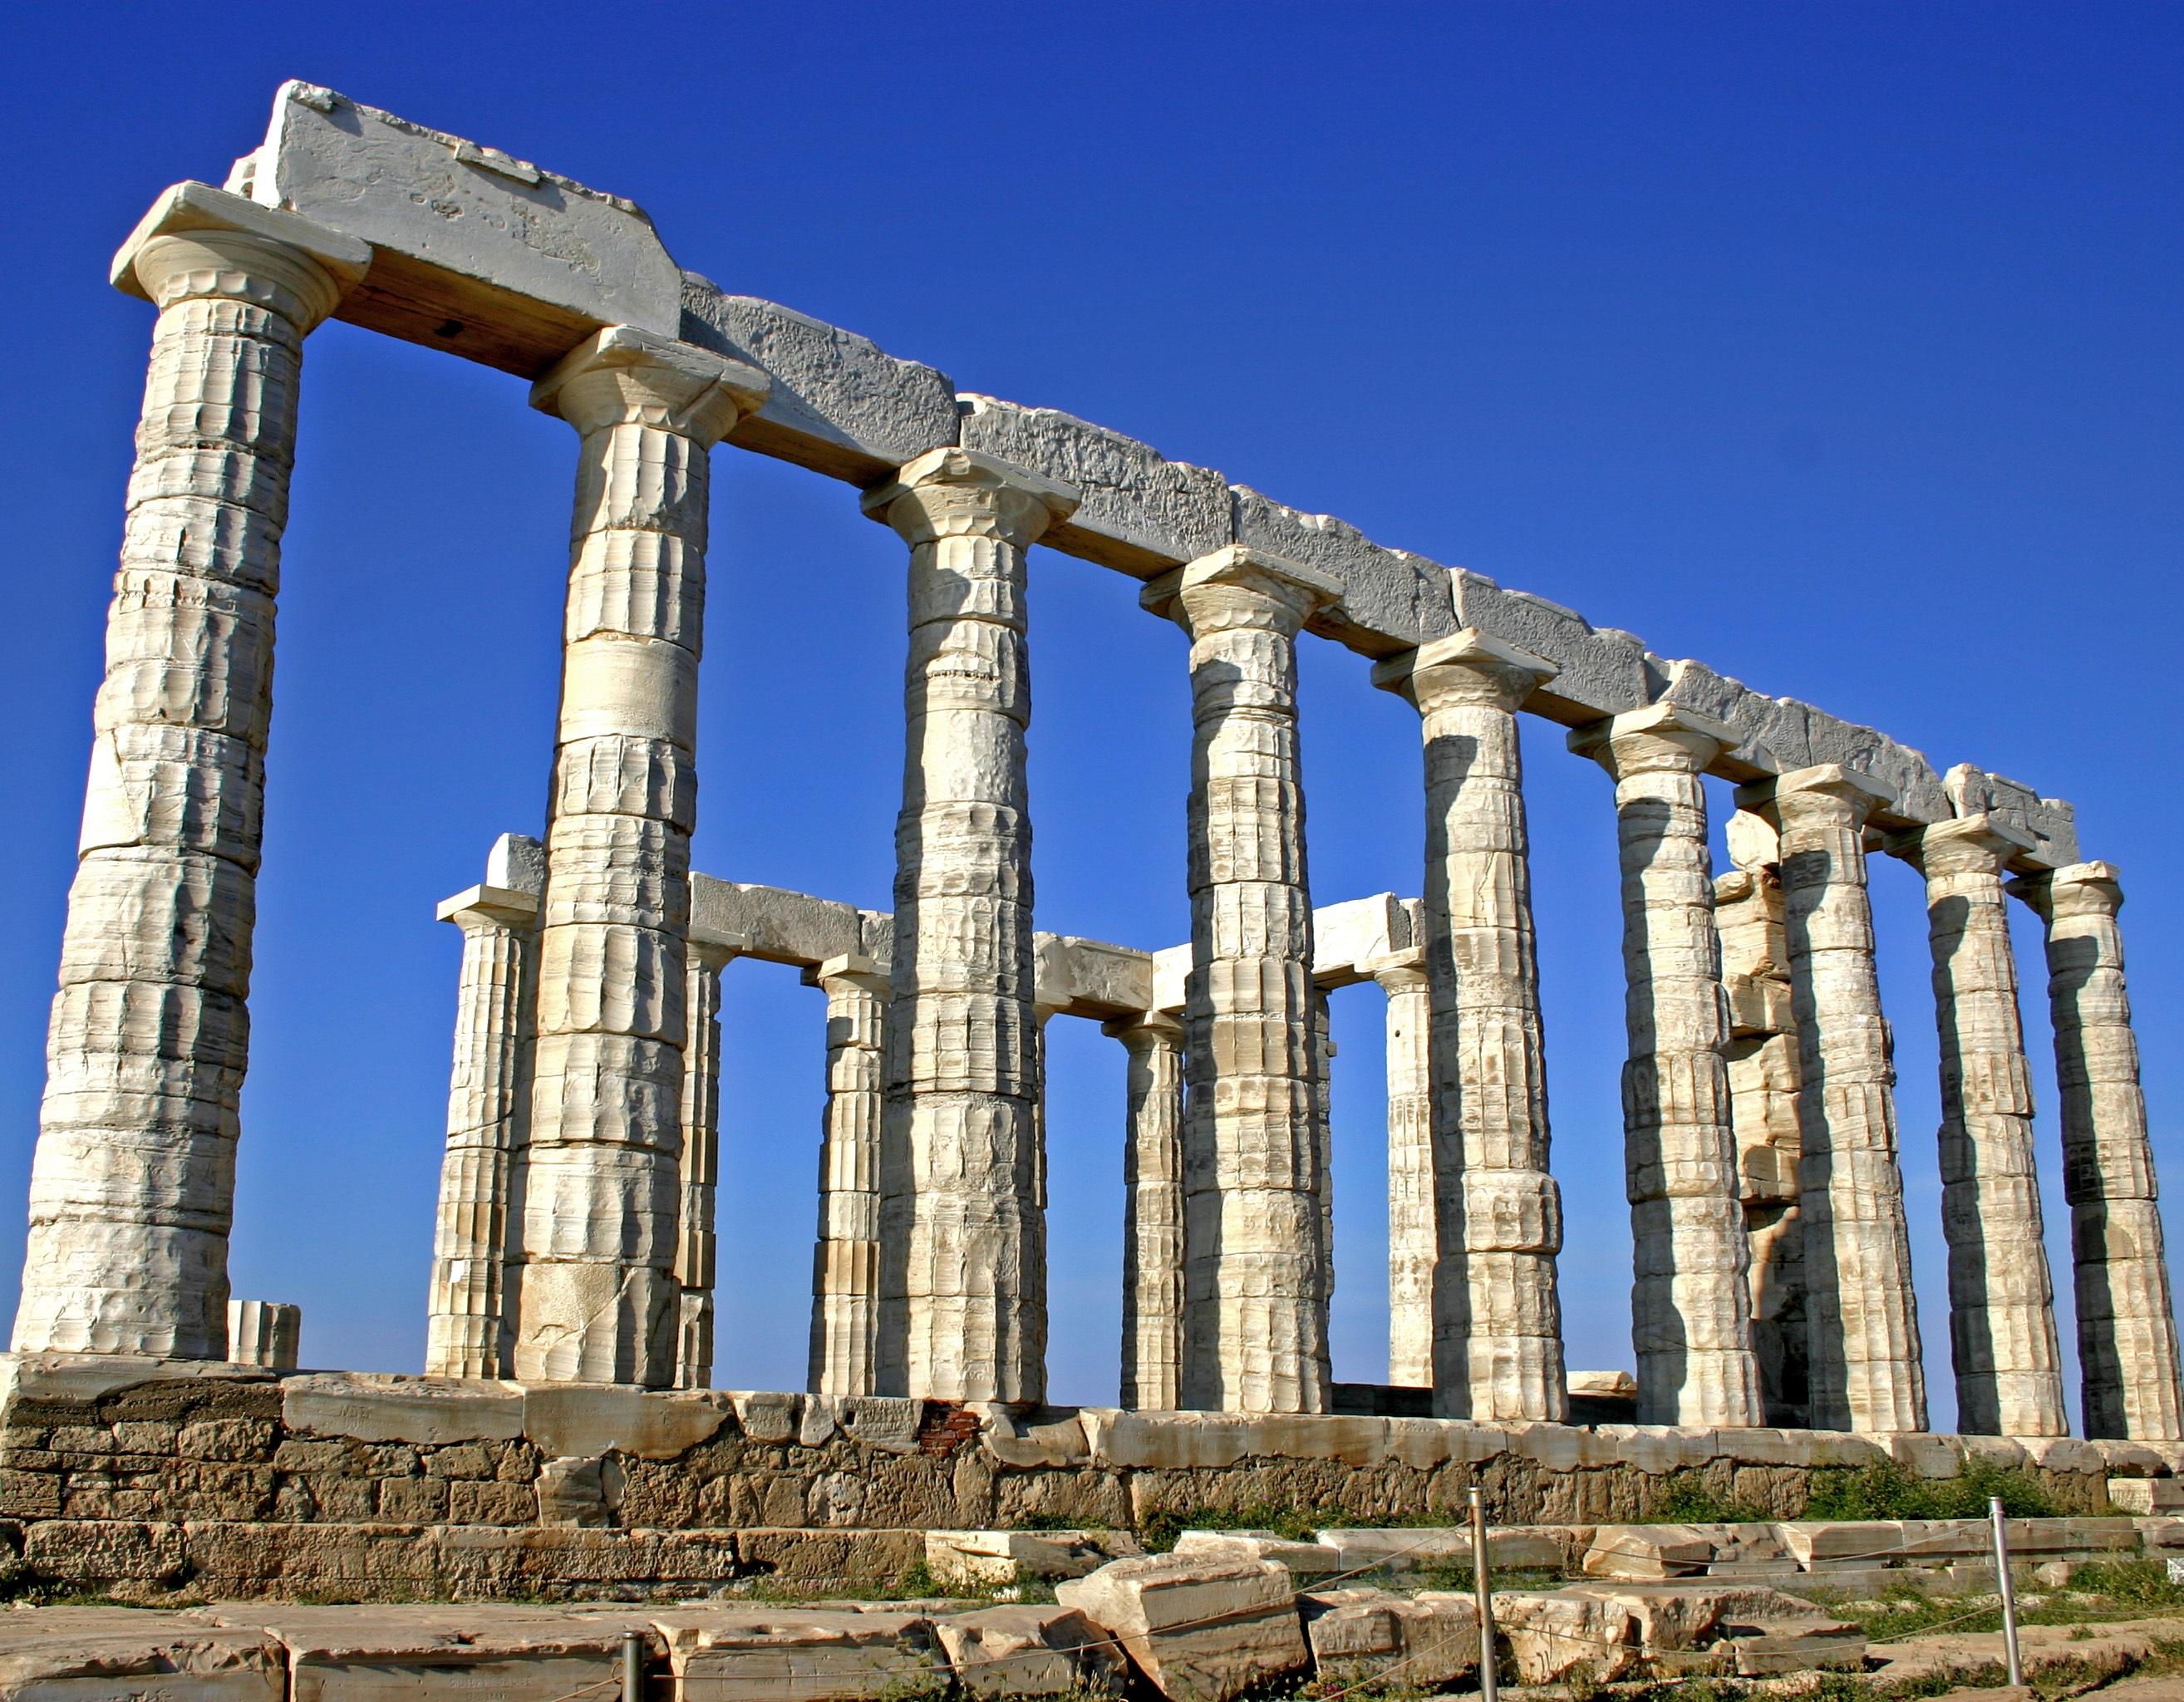 она картинки архитектуры древней греции условных